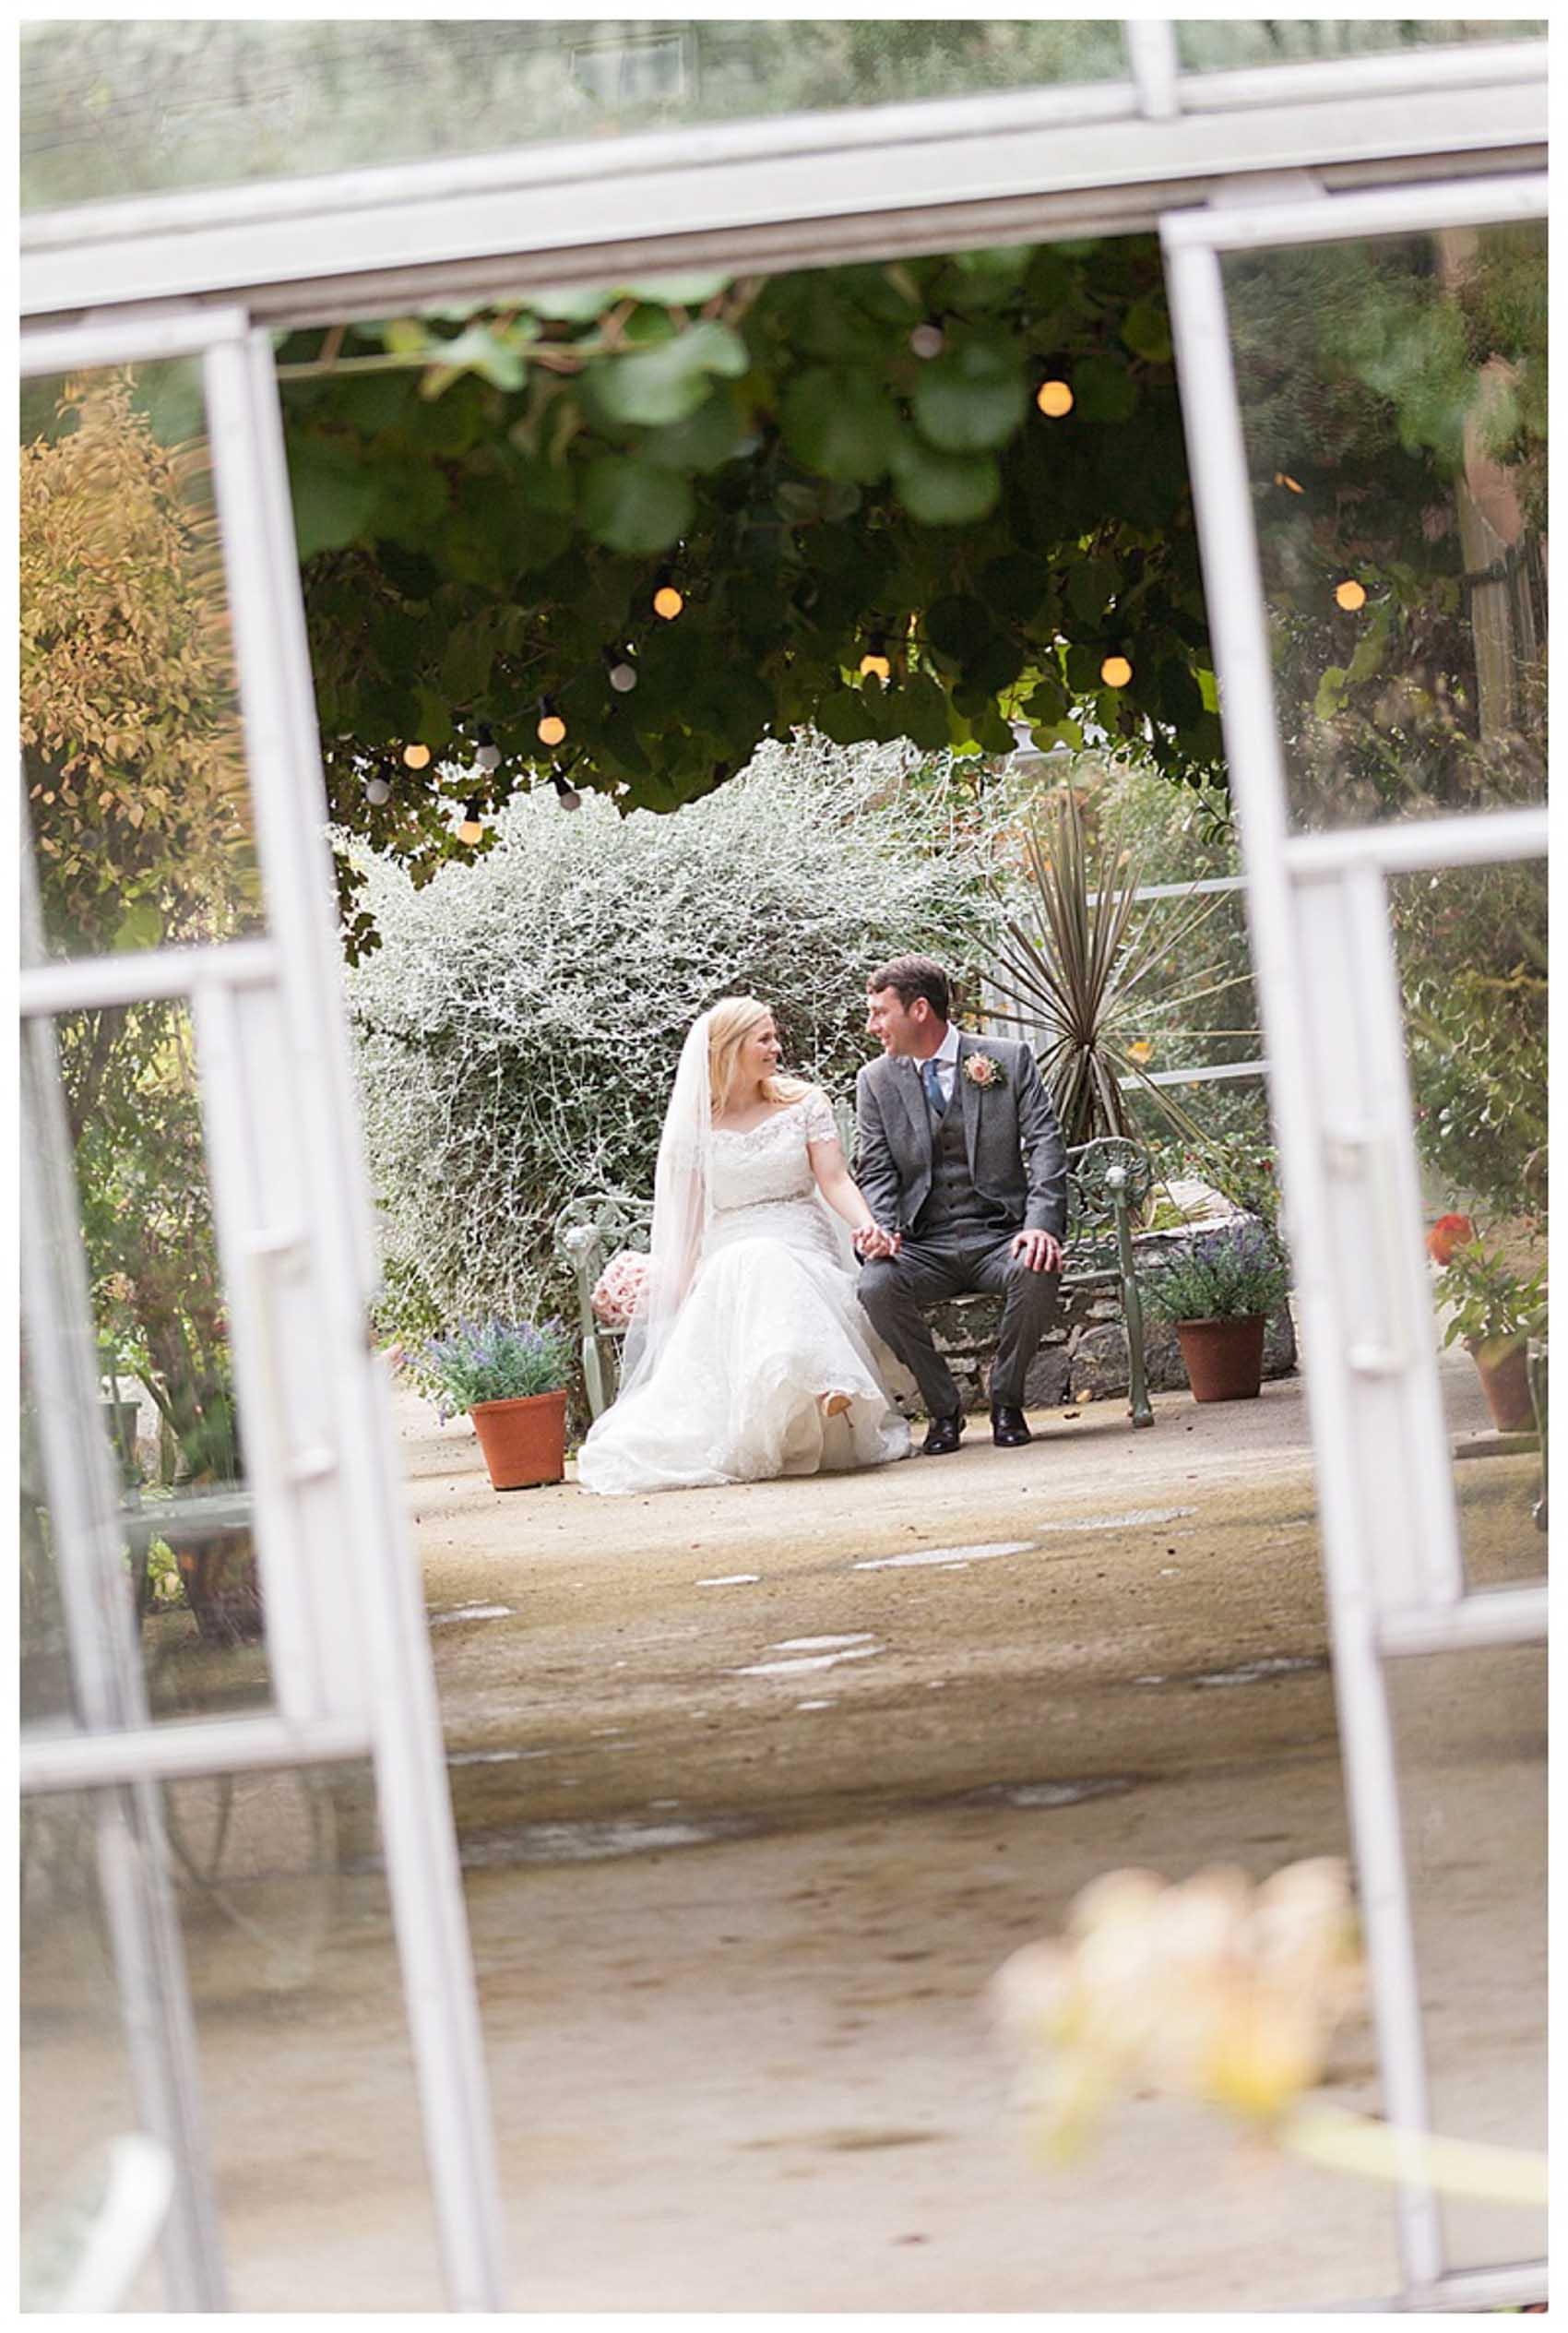 Larchfield Estate Wedding Photography by Ricky Parker Photography 56